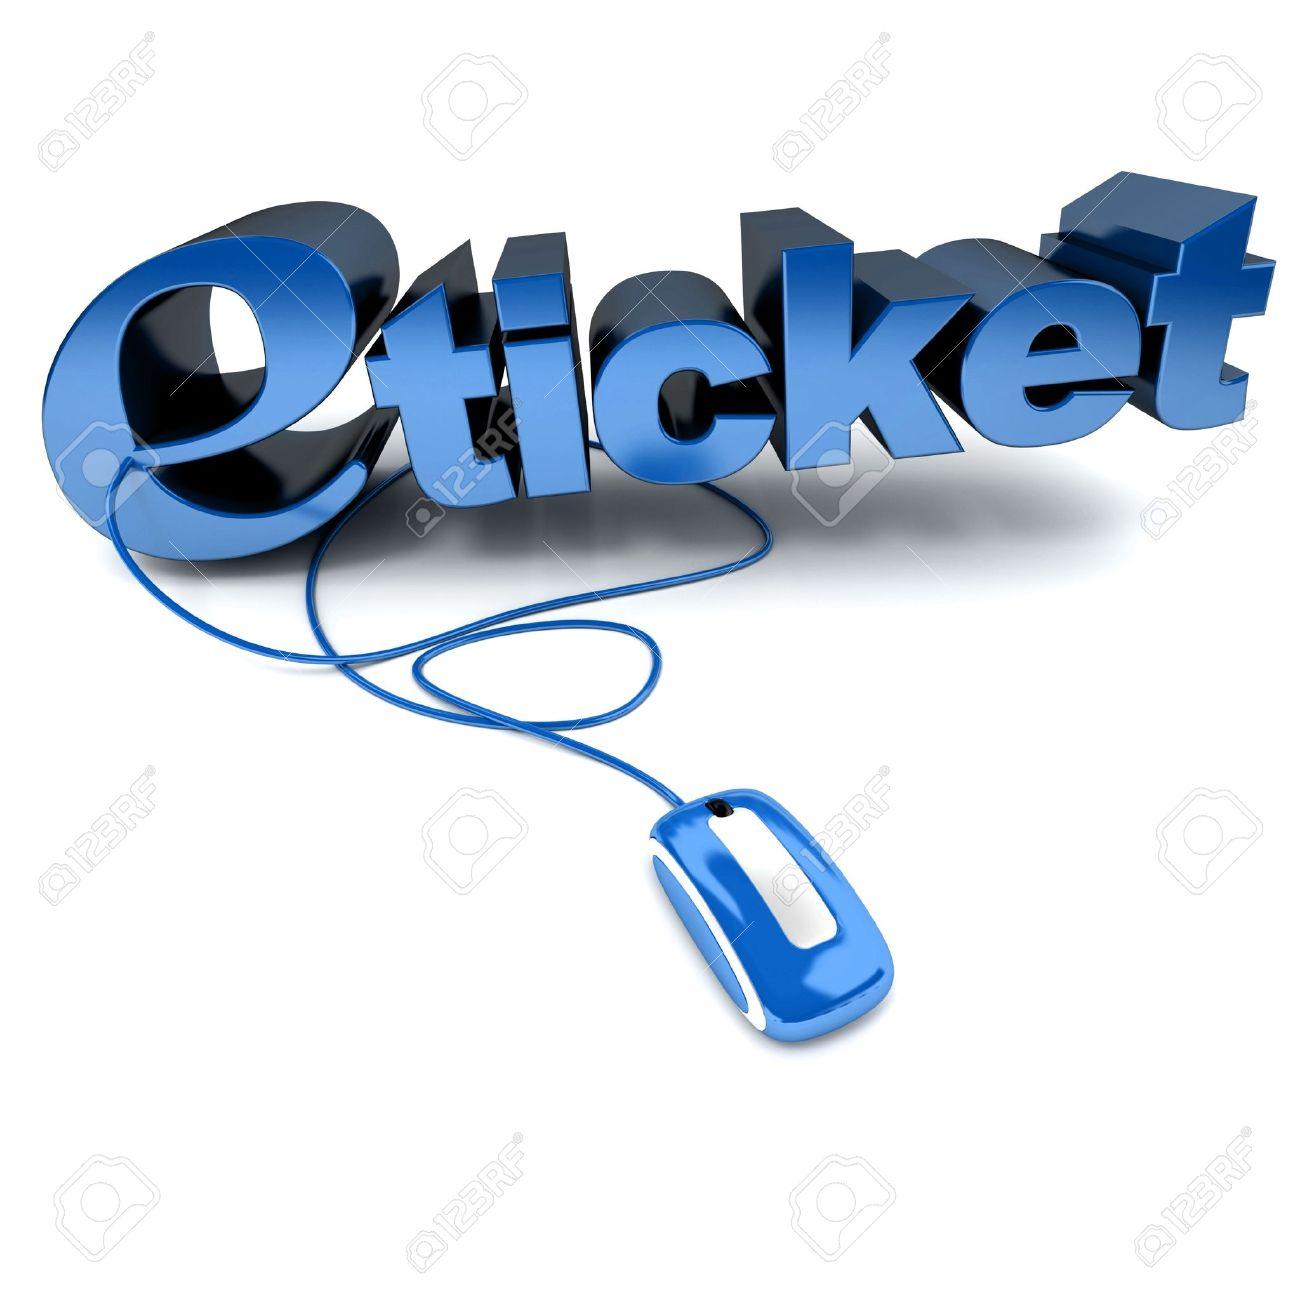 Blaue Und Weiße 3D Abbildung Das Wort E-Ticket An Eine Computermaus ...